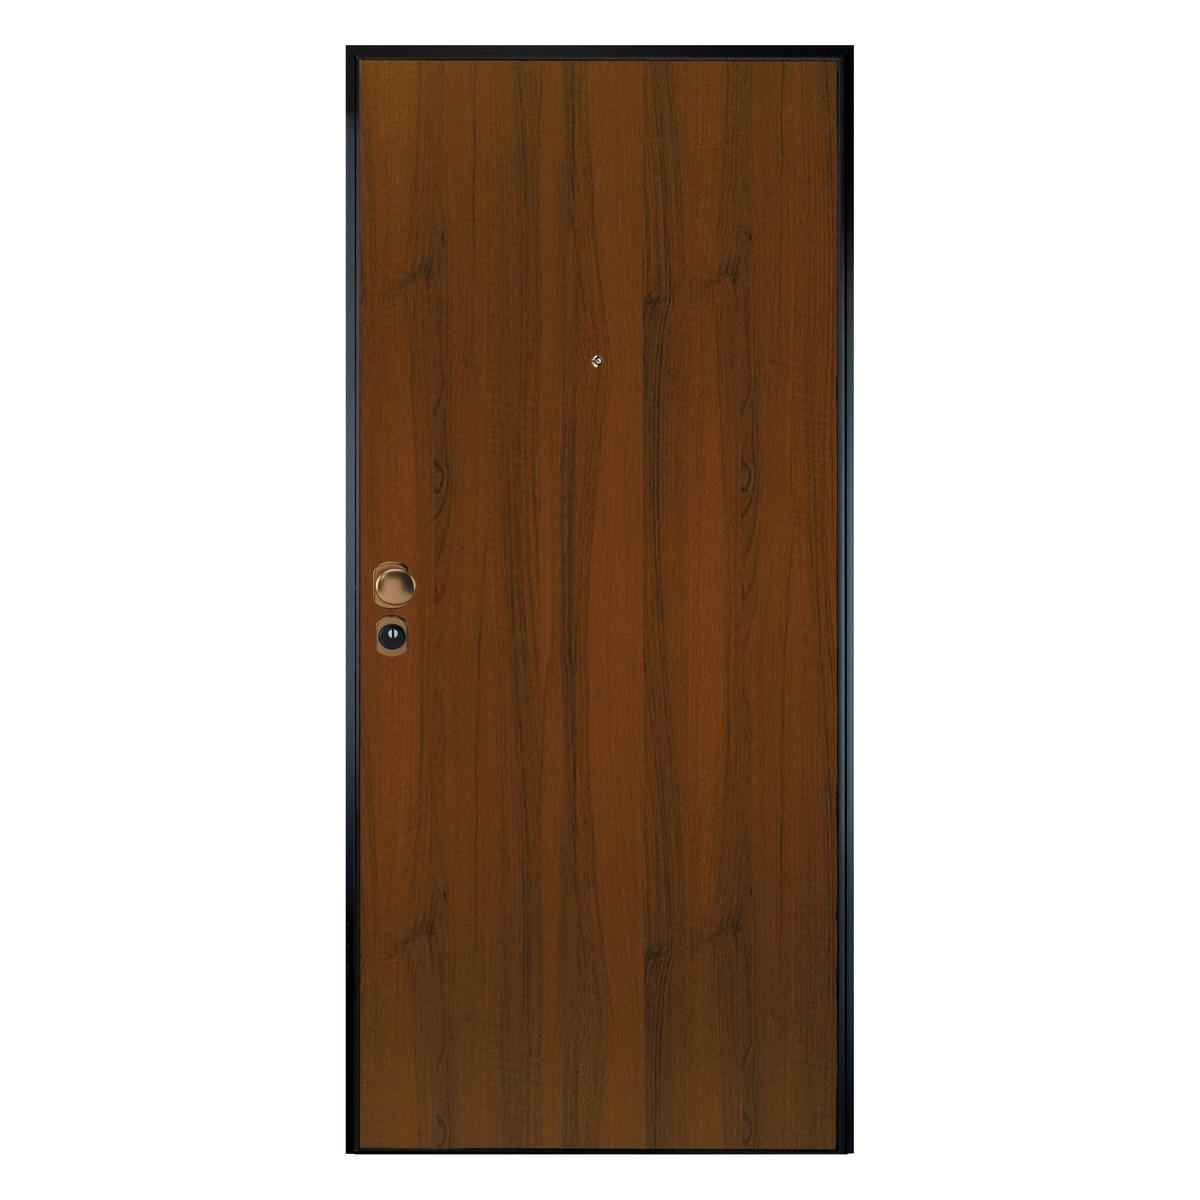 Porta alma blindata 90x210 sx prezzo e offerte sottocosto - Porta a soffietto leroy merlin ...